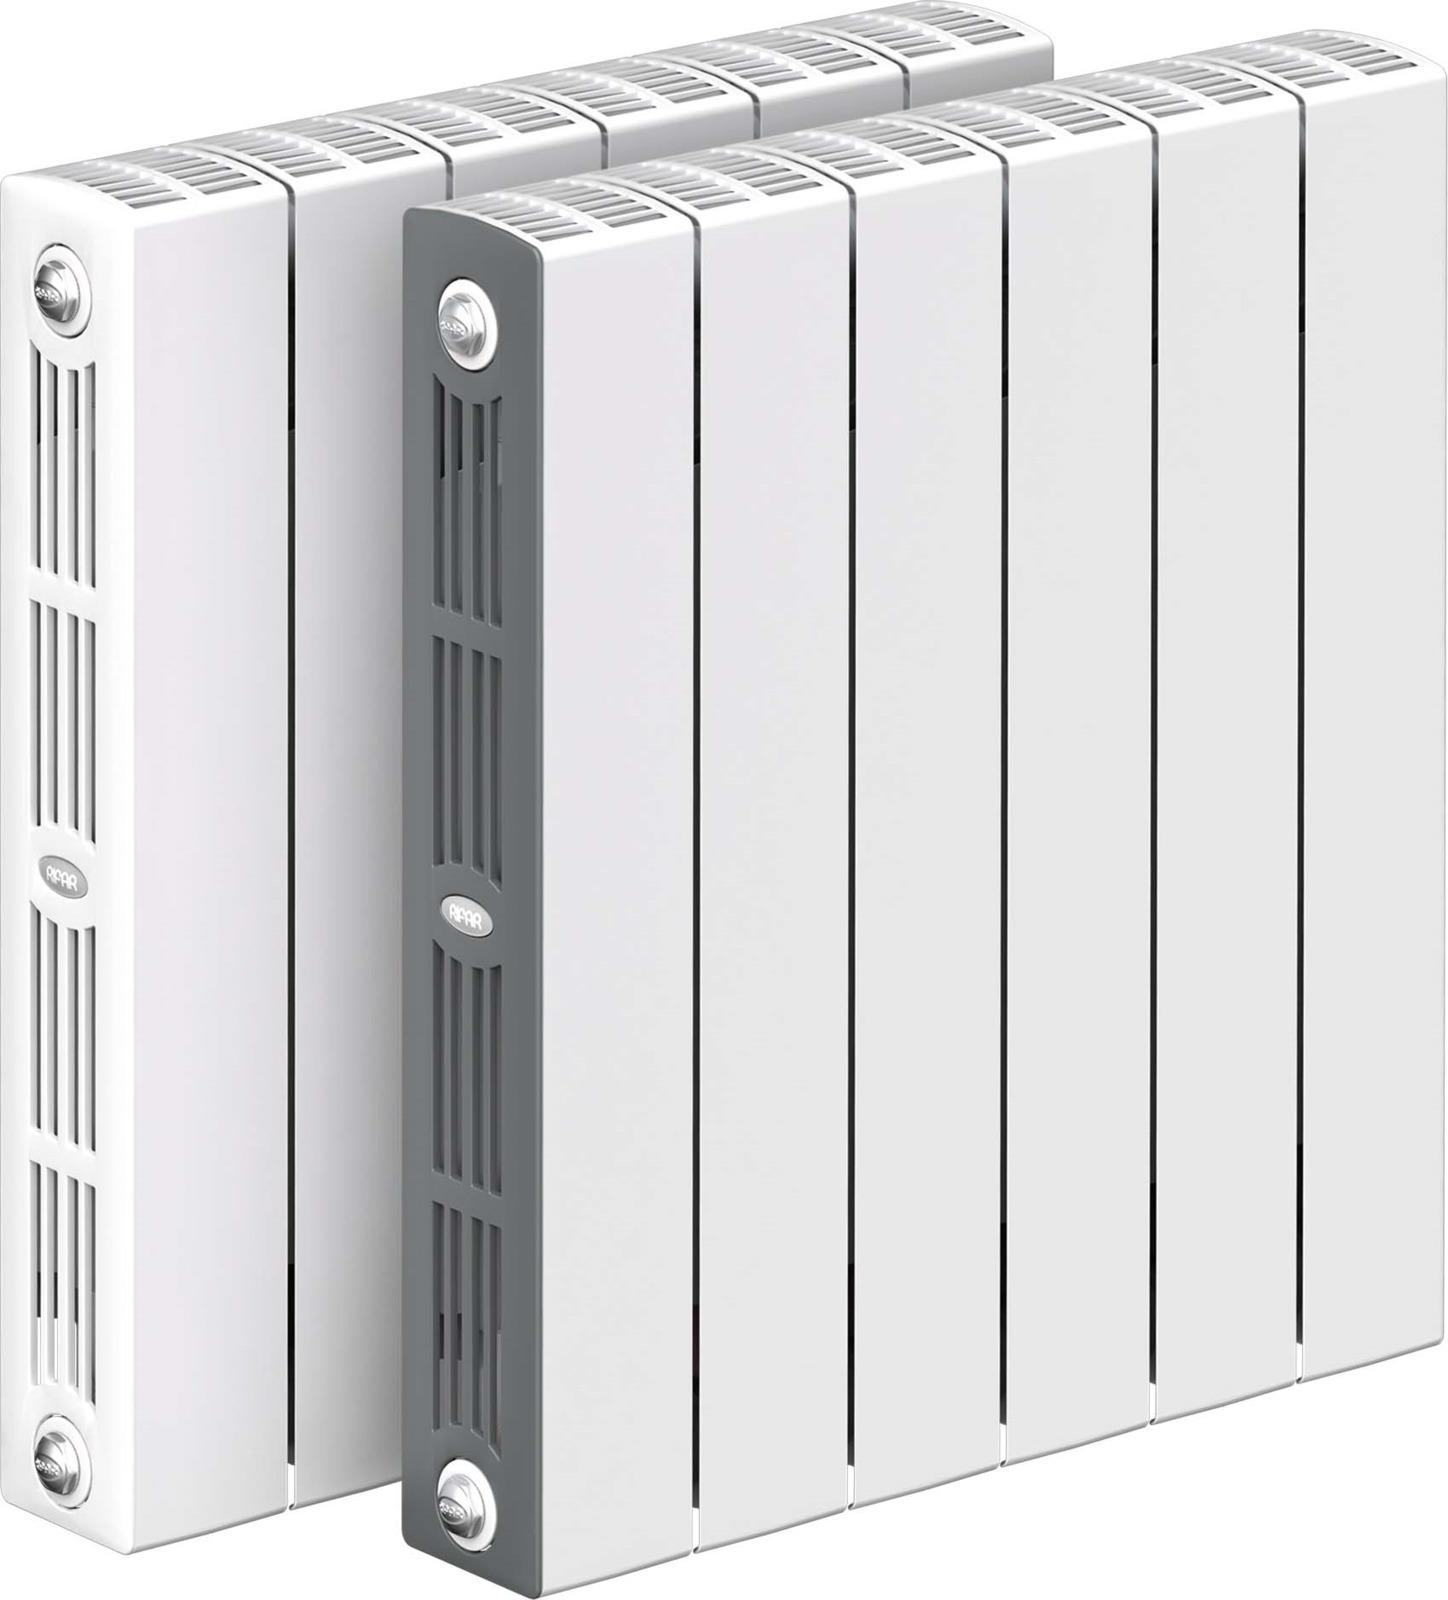 Секционный радиатор Rifar Supremo 350, биметаллический, RIFAR S 350-8, белый, 8 секций kermi profil v profil v ftv 22 500 2600 радиатор стальной панельный нижнее подключение белый ral 9016